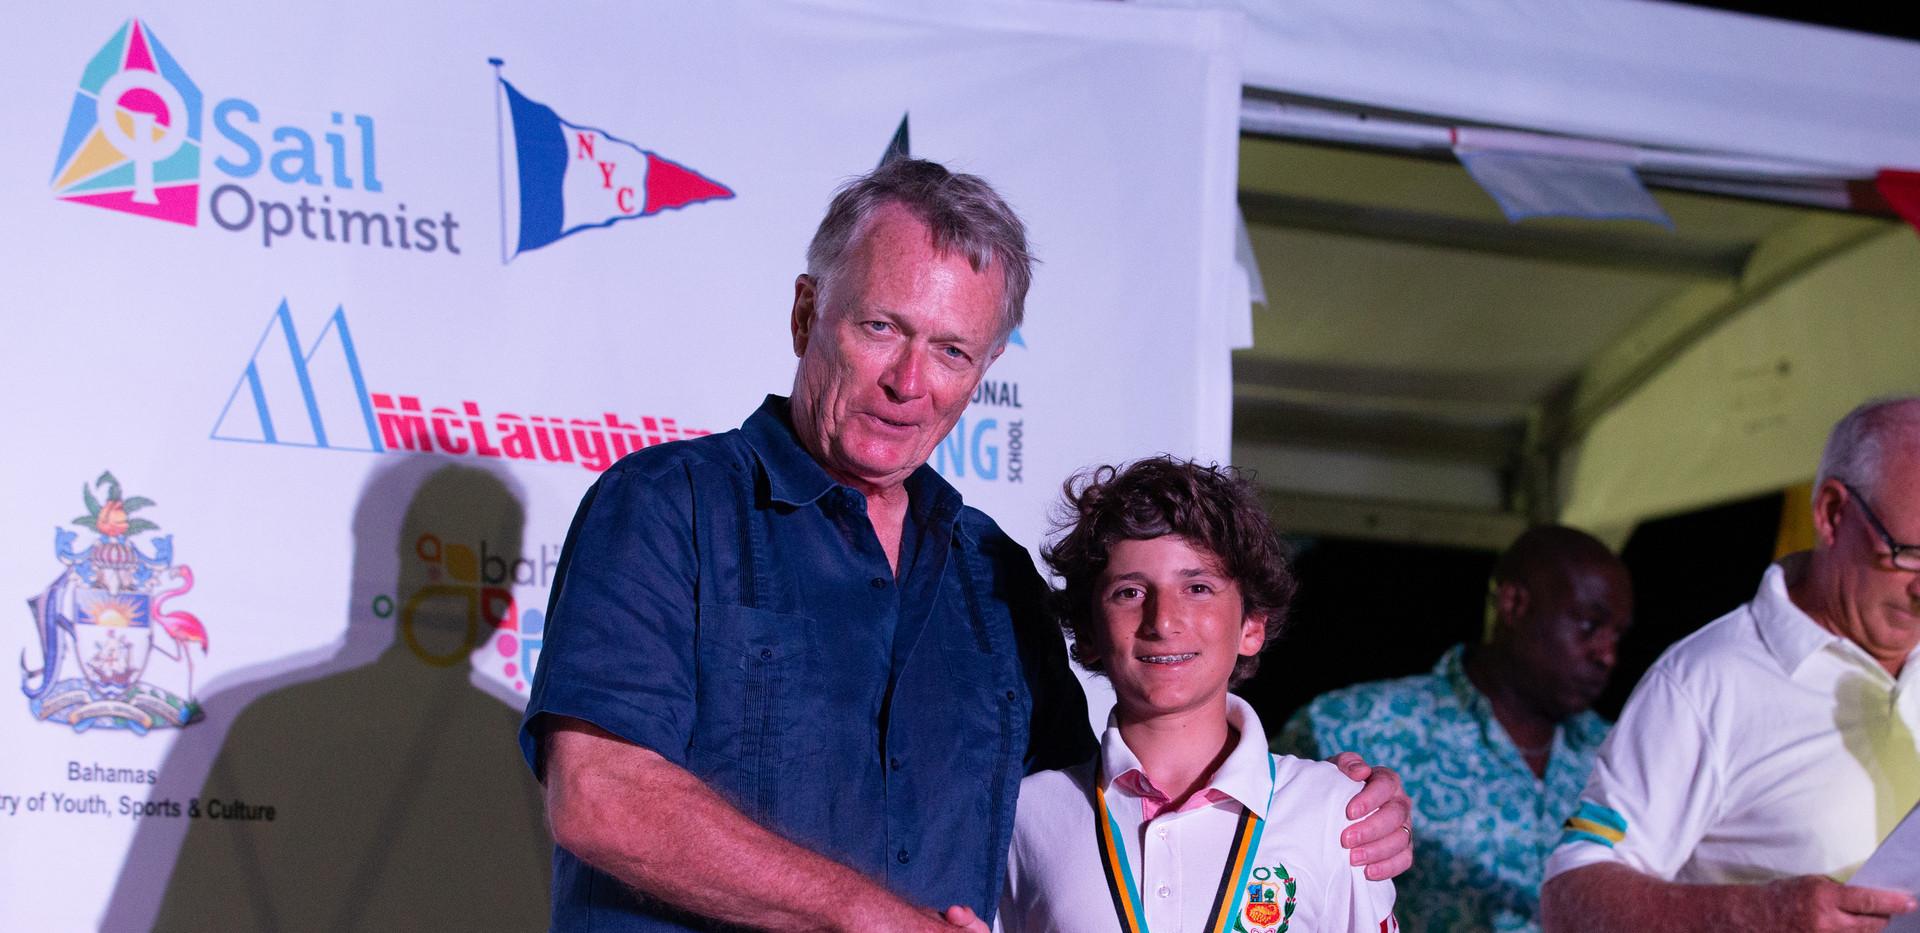 Bahamas National Sailing School - opinam19